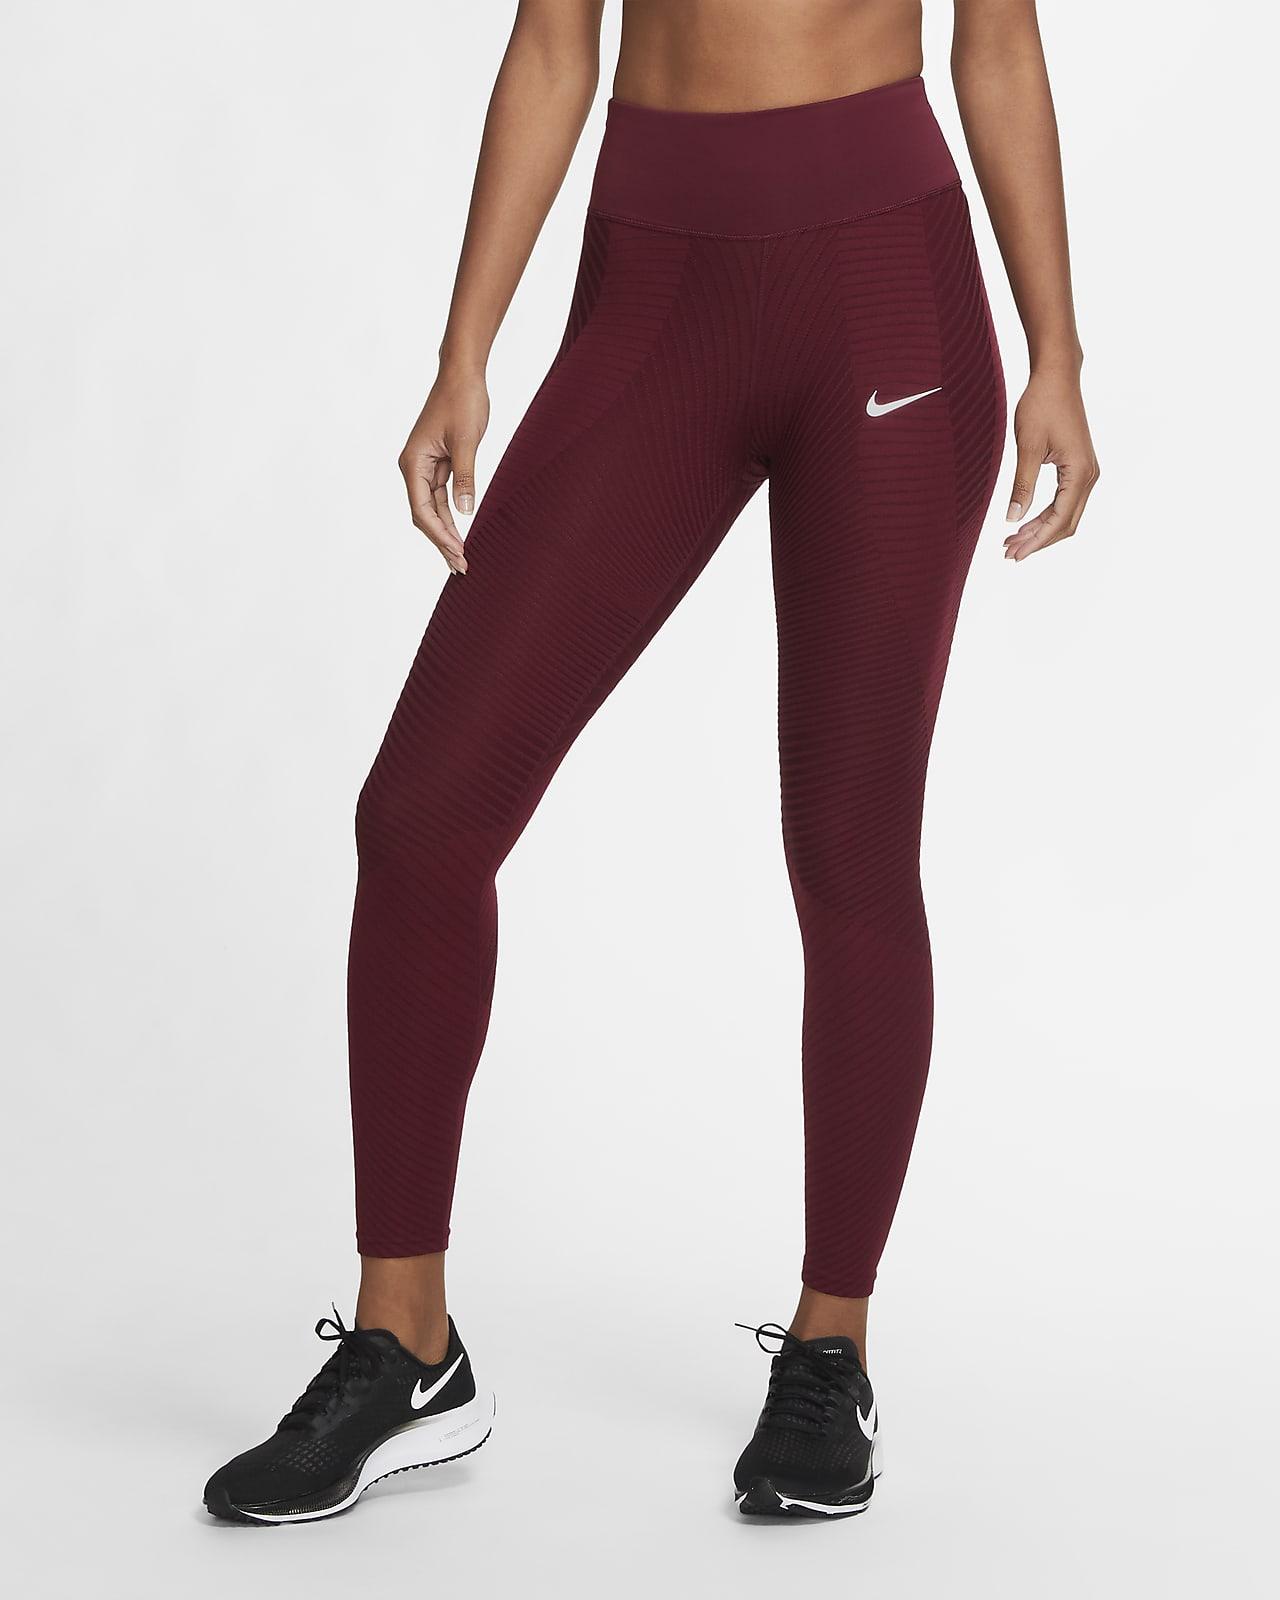 Nike Epic Luxe strukturierte Lauf-Leggings für Damen